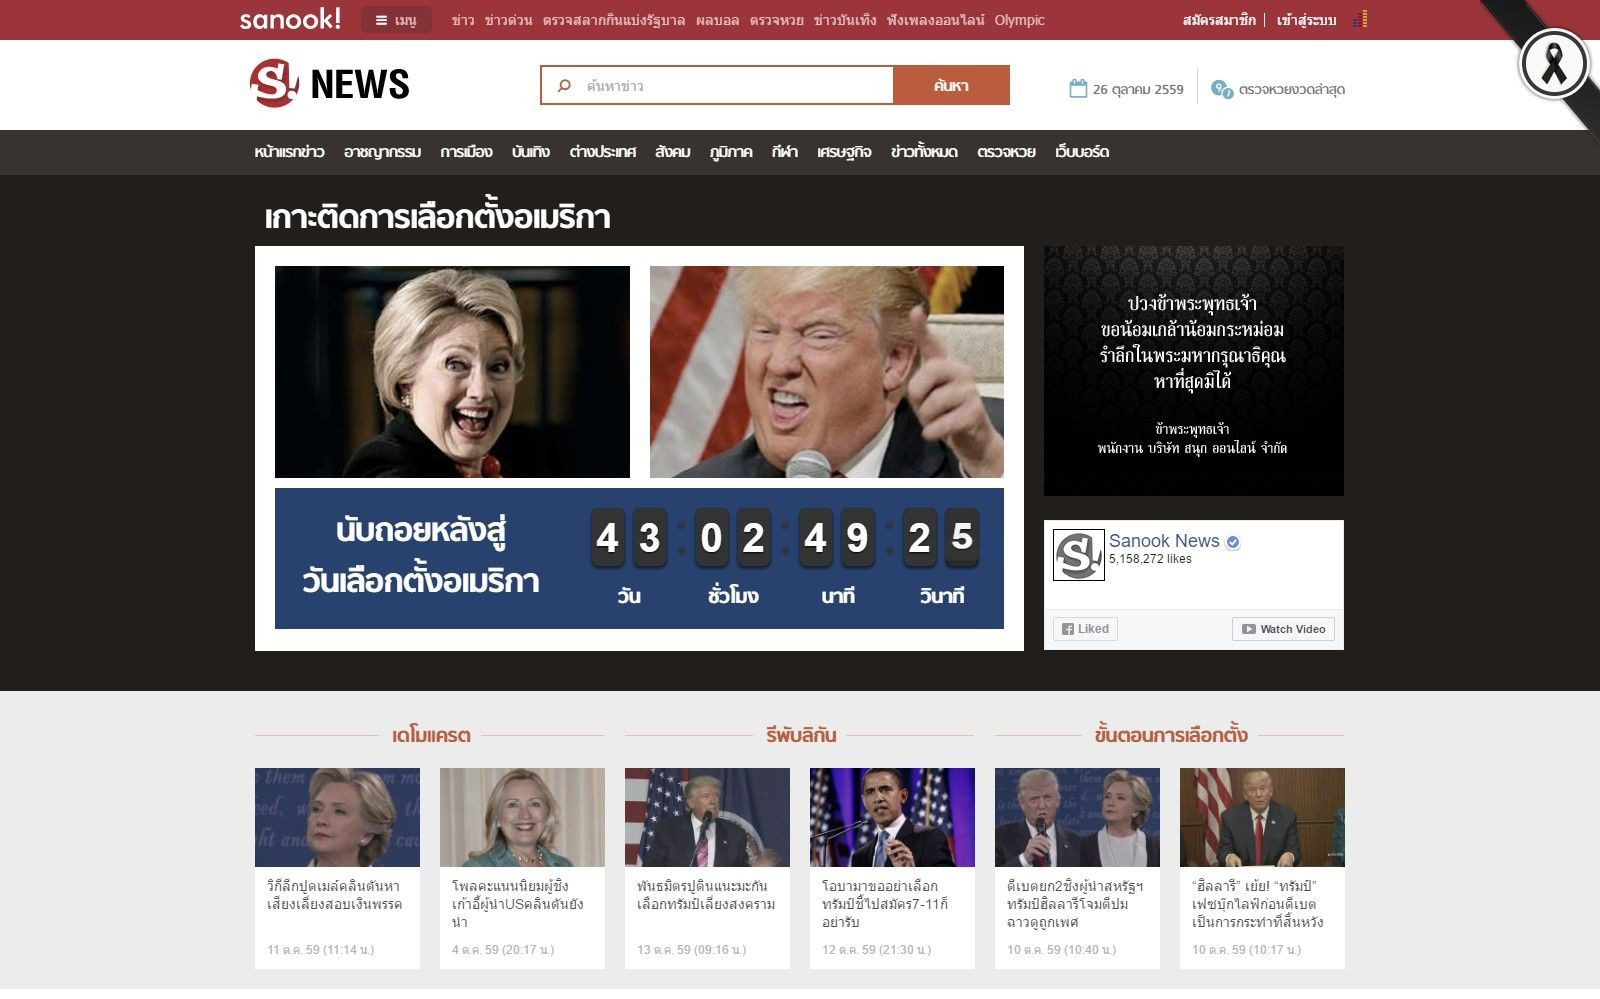 สนุกดอทคอมจับมือสำนักข่าวต่างประเทศ ร่วมเกาะติดสถานการณ์การเลือกตั้งสหรัฐฯ ผ่านออนไลน์